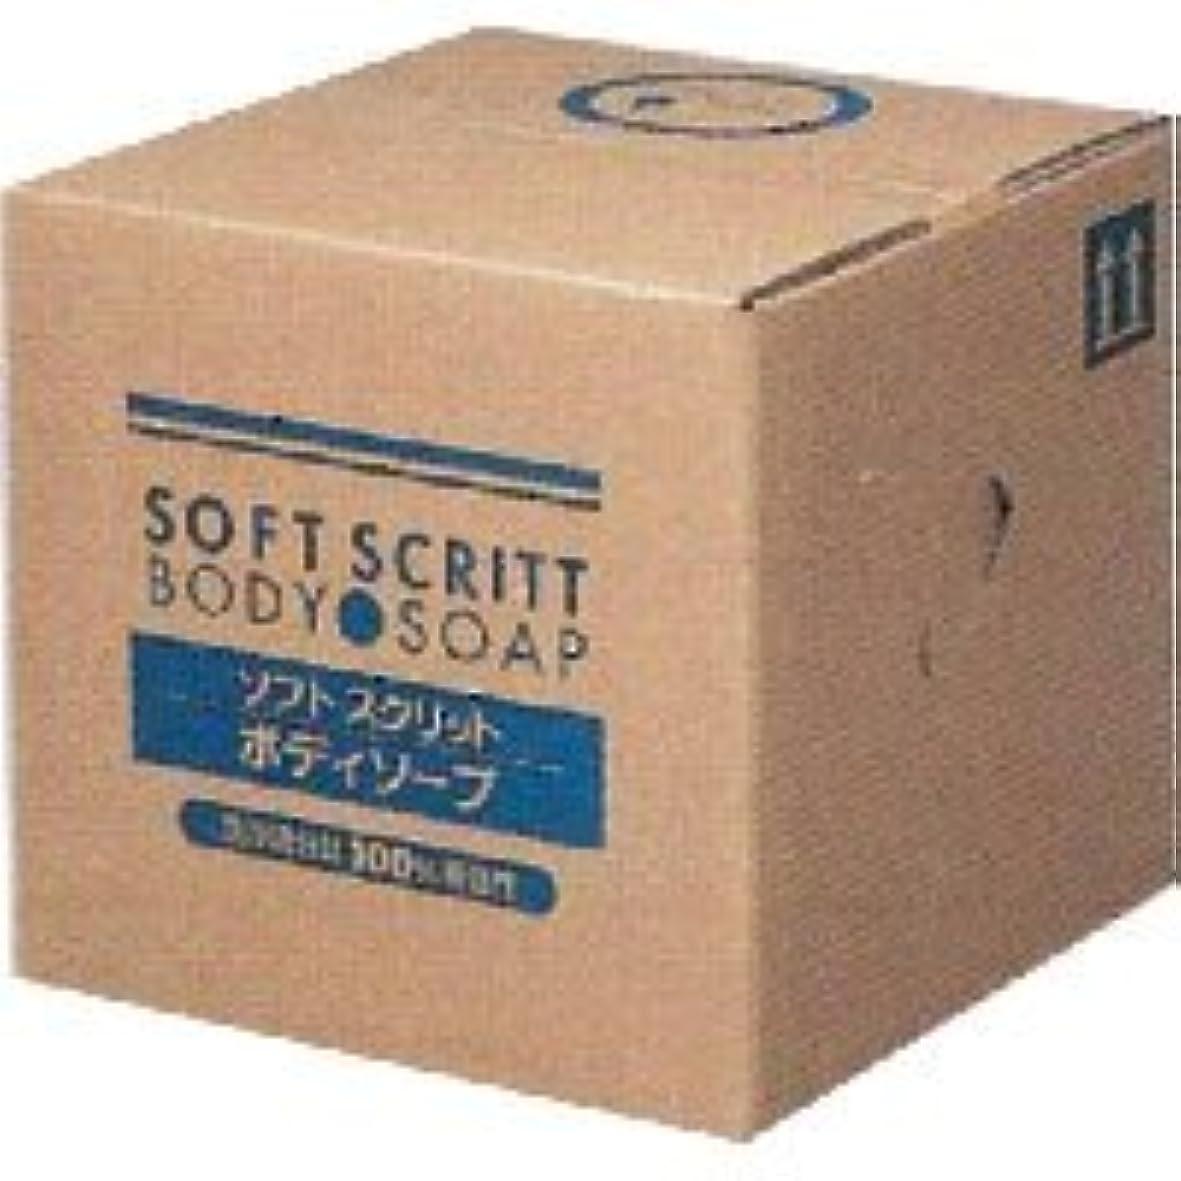 ラウンジブレス霊ソフトスクリットボディソープ18L